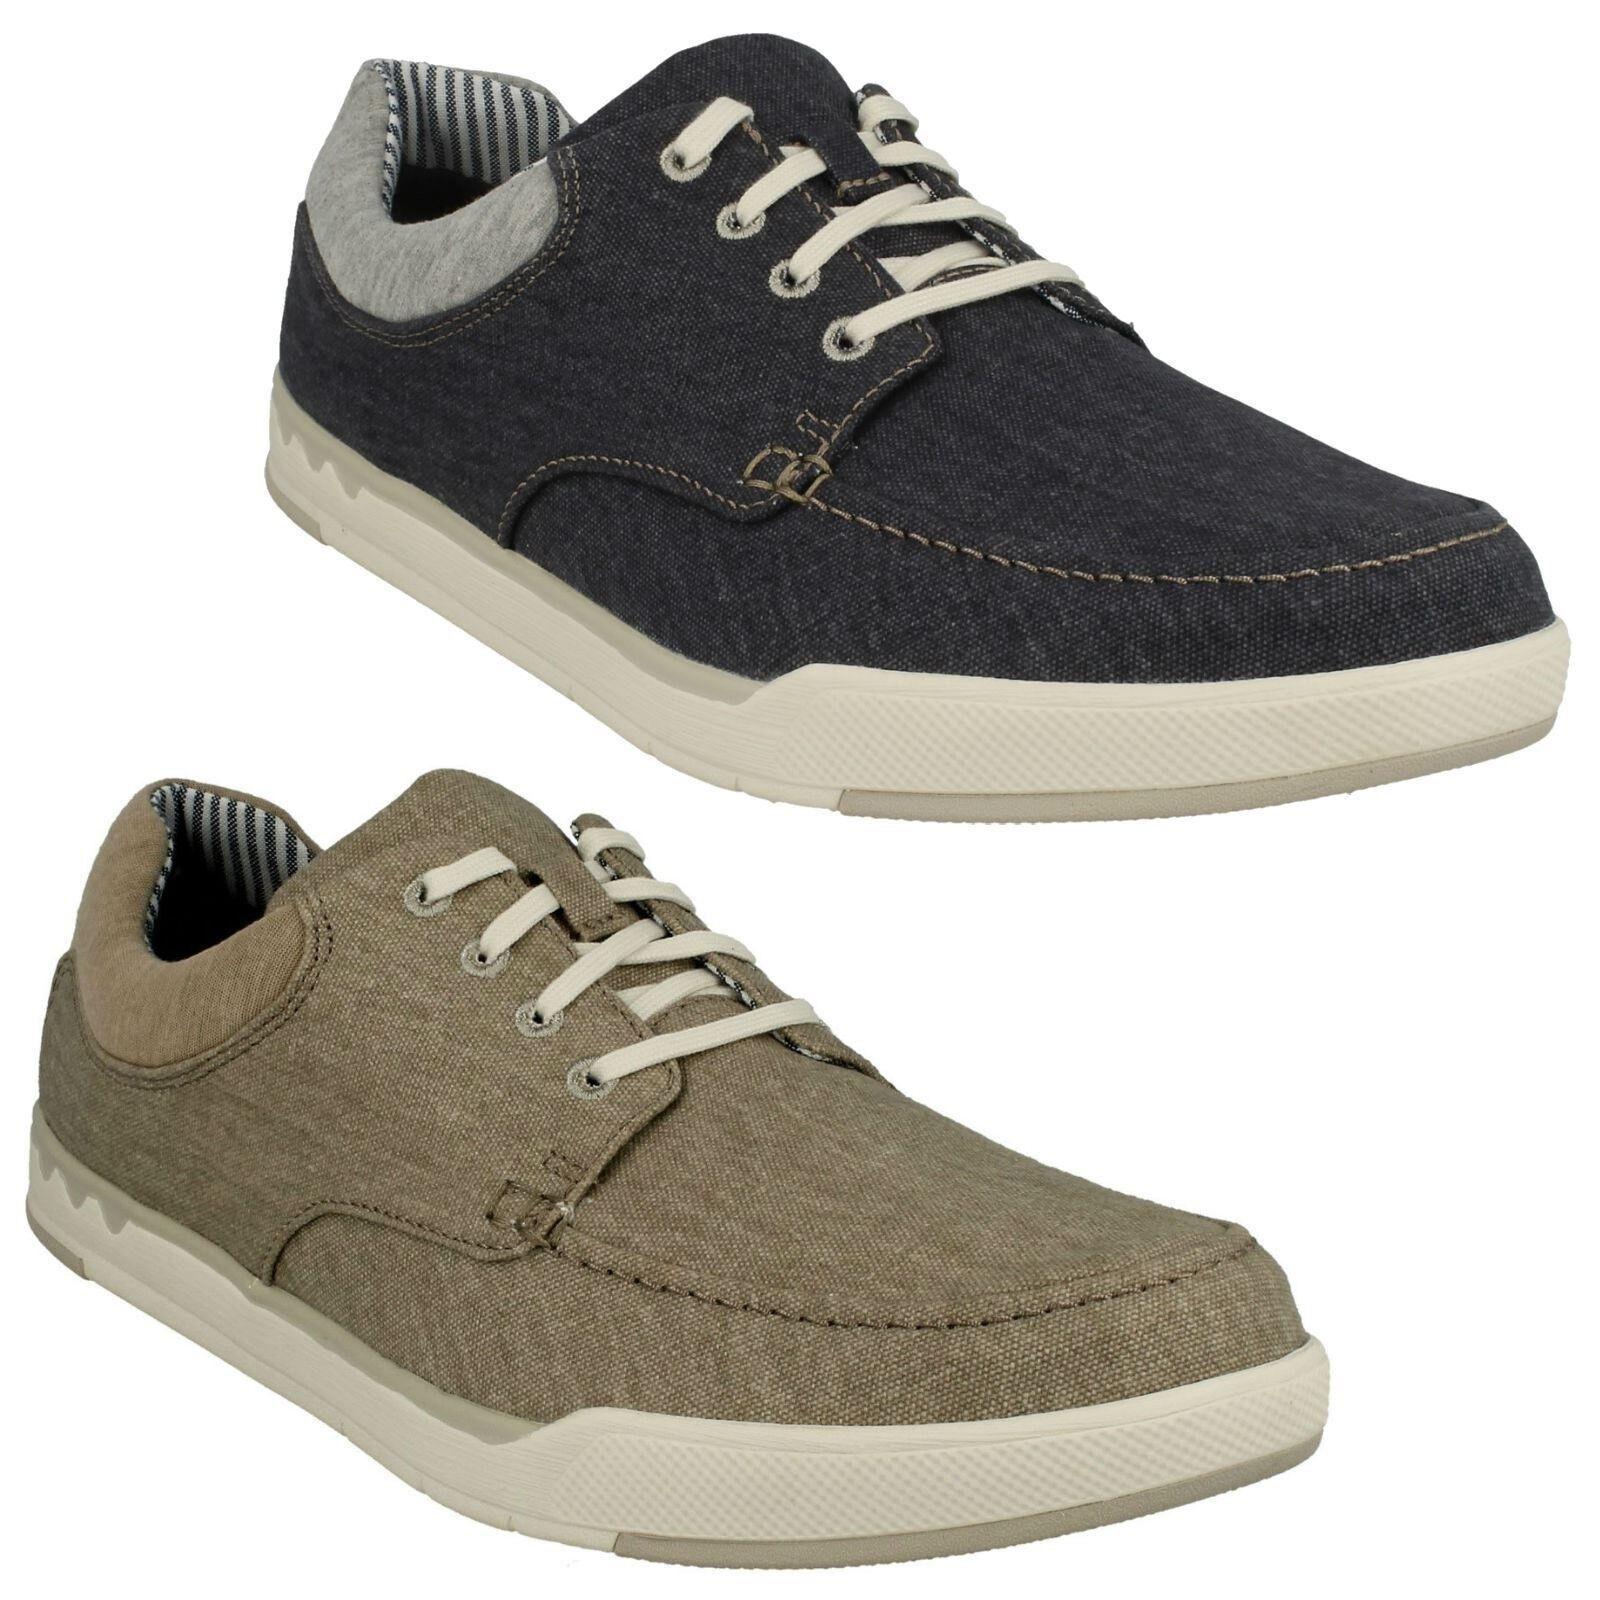 Clarks Hombre CASUAL Con Cordones número Suave Verano Lona Zapatos número Cordones PASO ISLA 771d9b